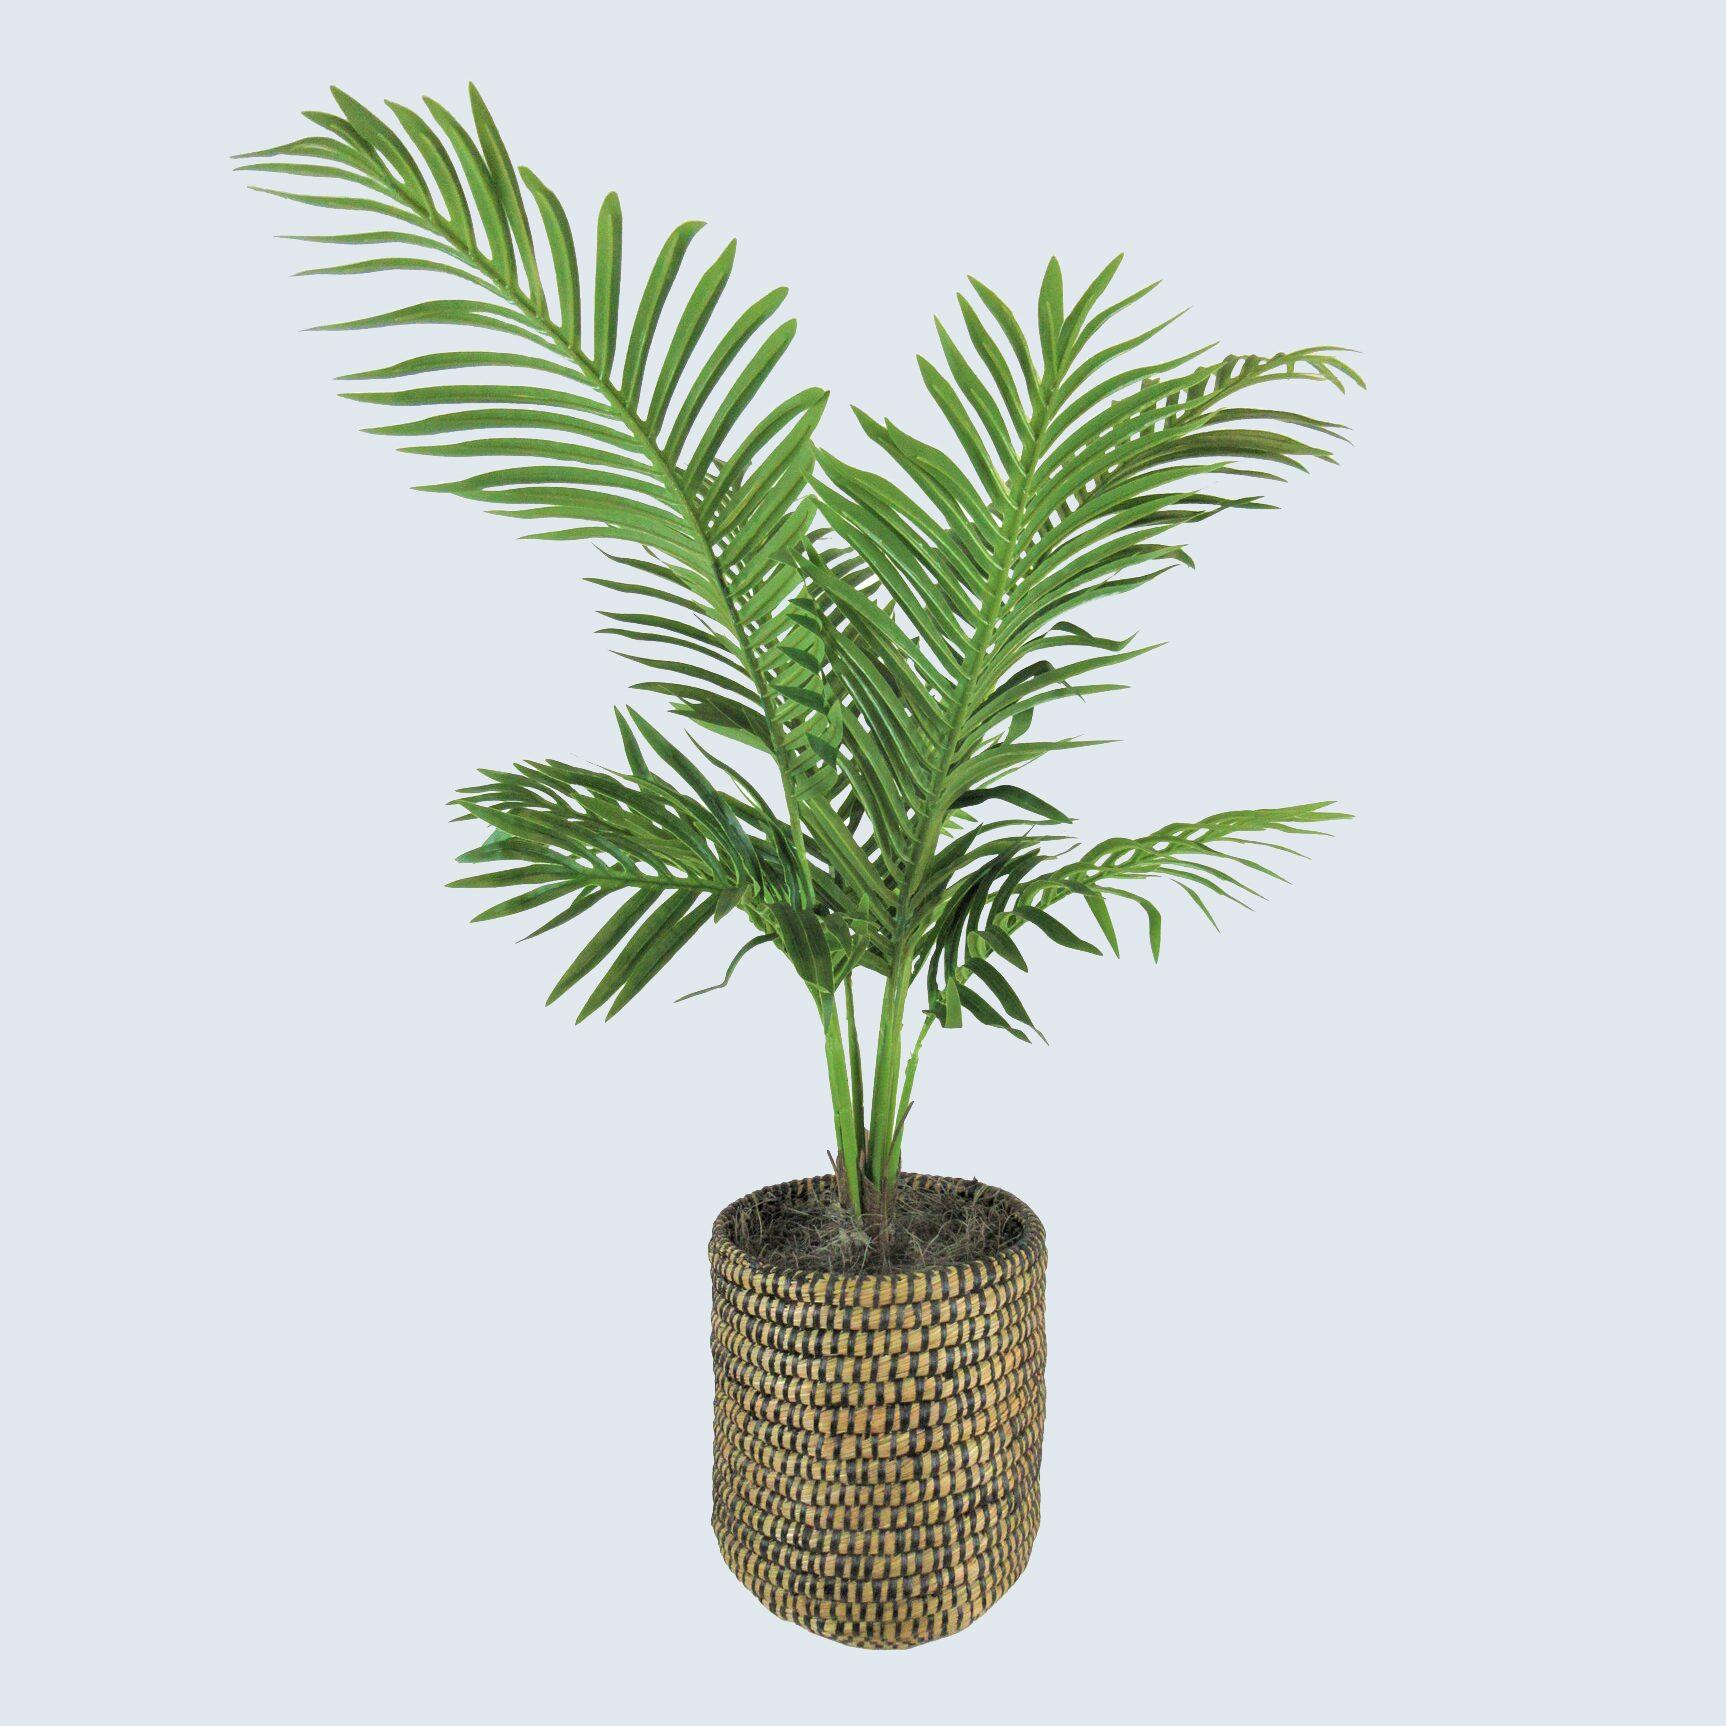 Fake parlor palm tree